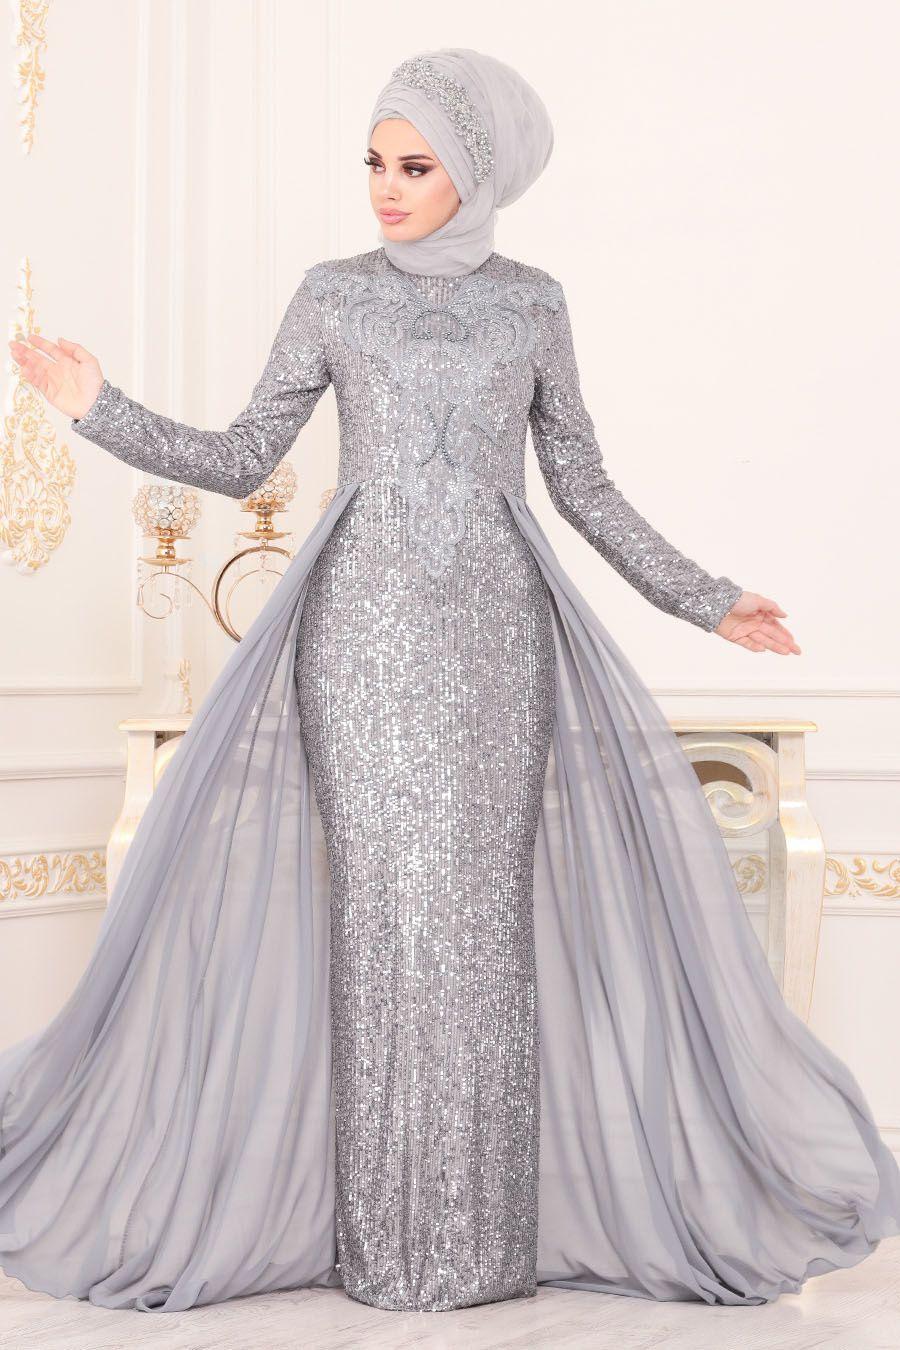 Nayla Collection Pul Payetli Gri Tesettur Abiye Elbise 25724gr Tesetturisland Com The Dress Elbise Moda Stilleri